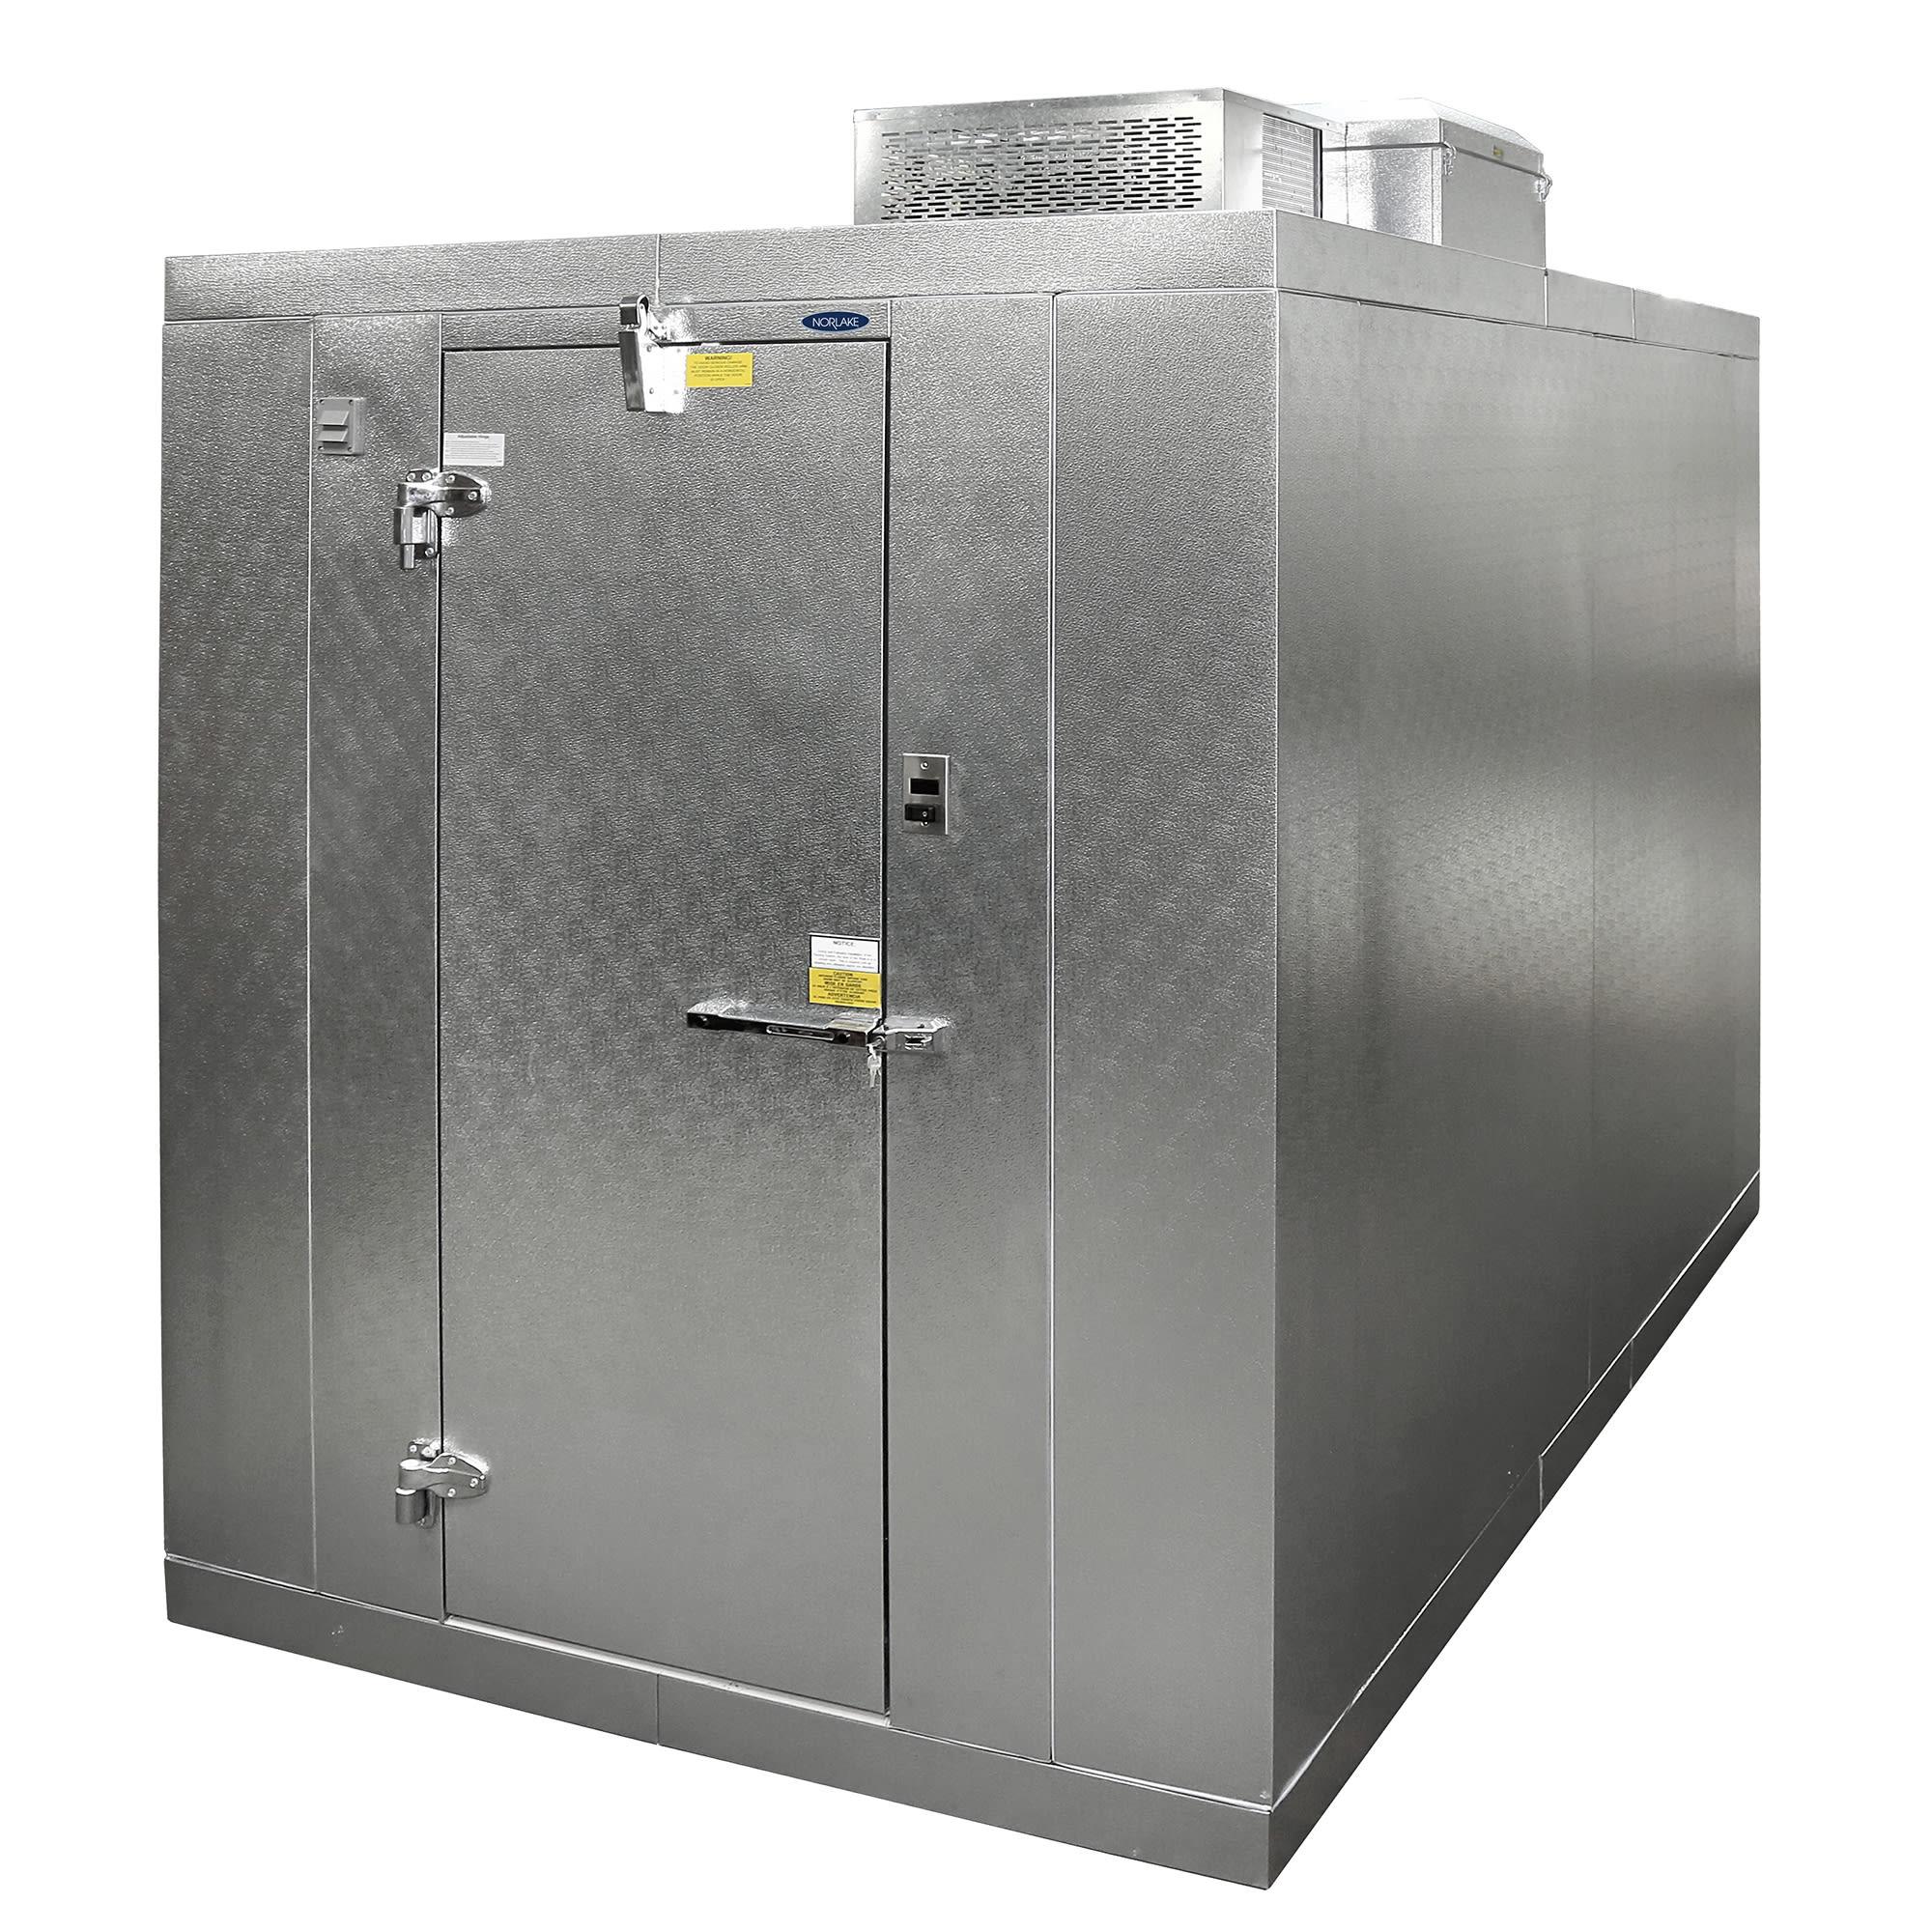 Norlake KLB74814-C Indoor Walk-In Refrigerator w/ Top Mount Compressor, 8' x 14', No Floor